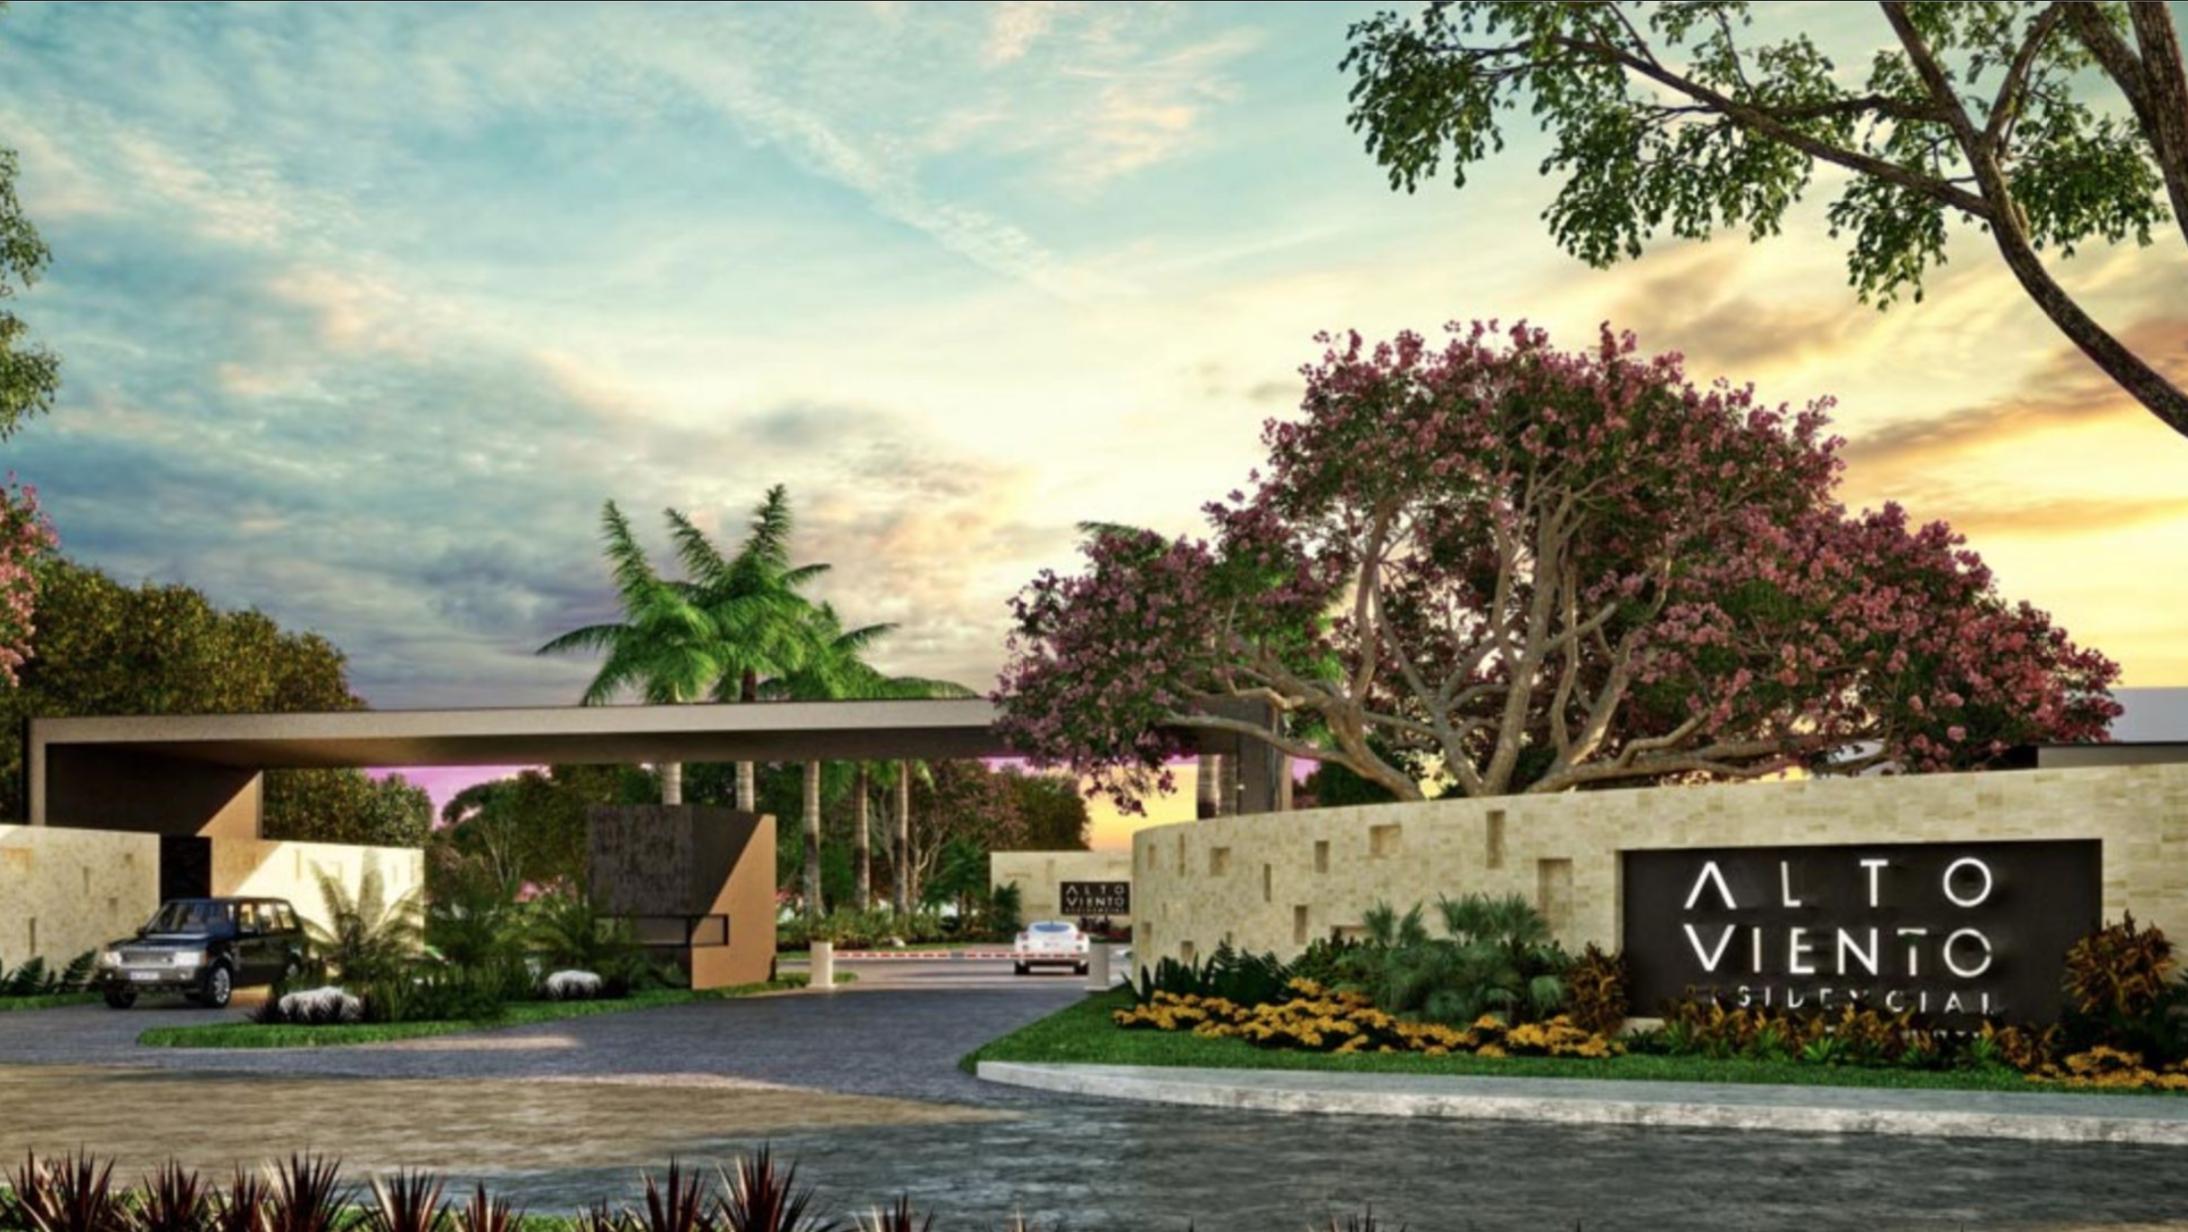 21181 Residential Lot in Private Development in Temozon  - SingleFam Lot